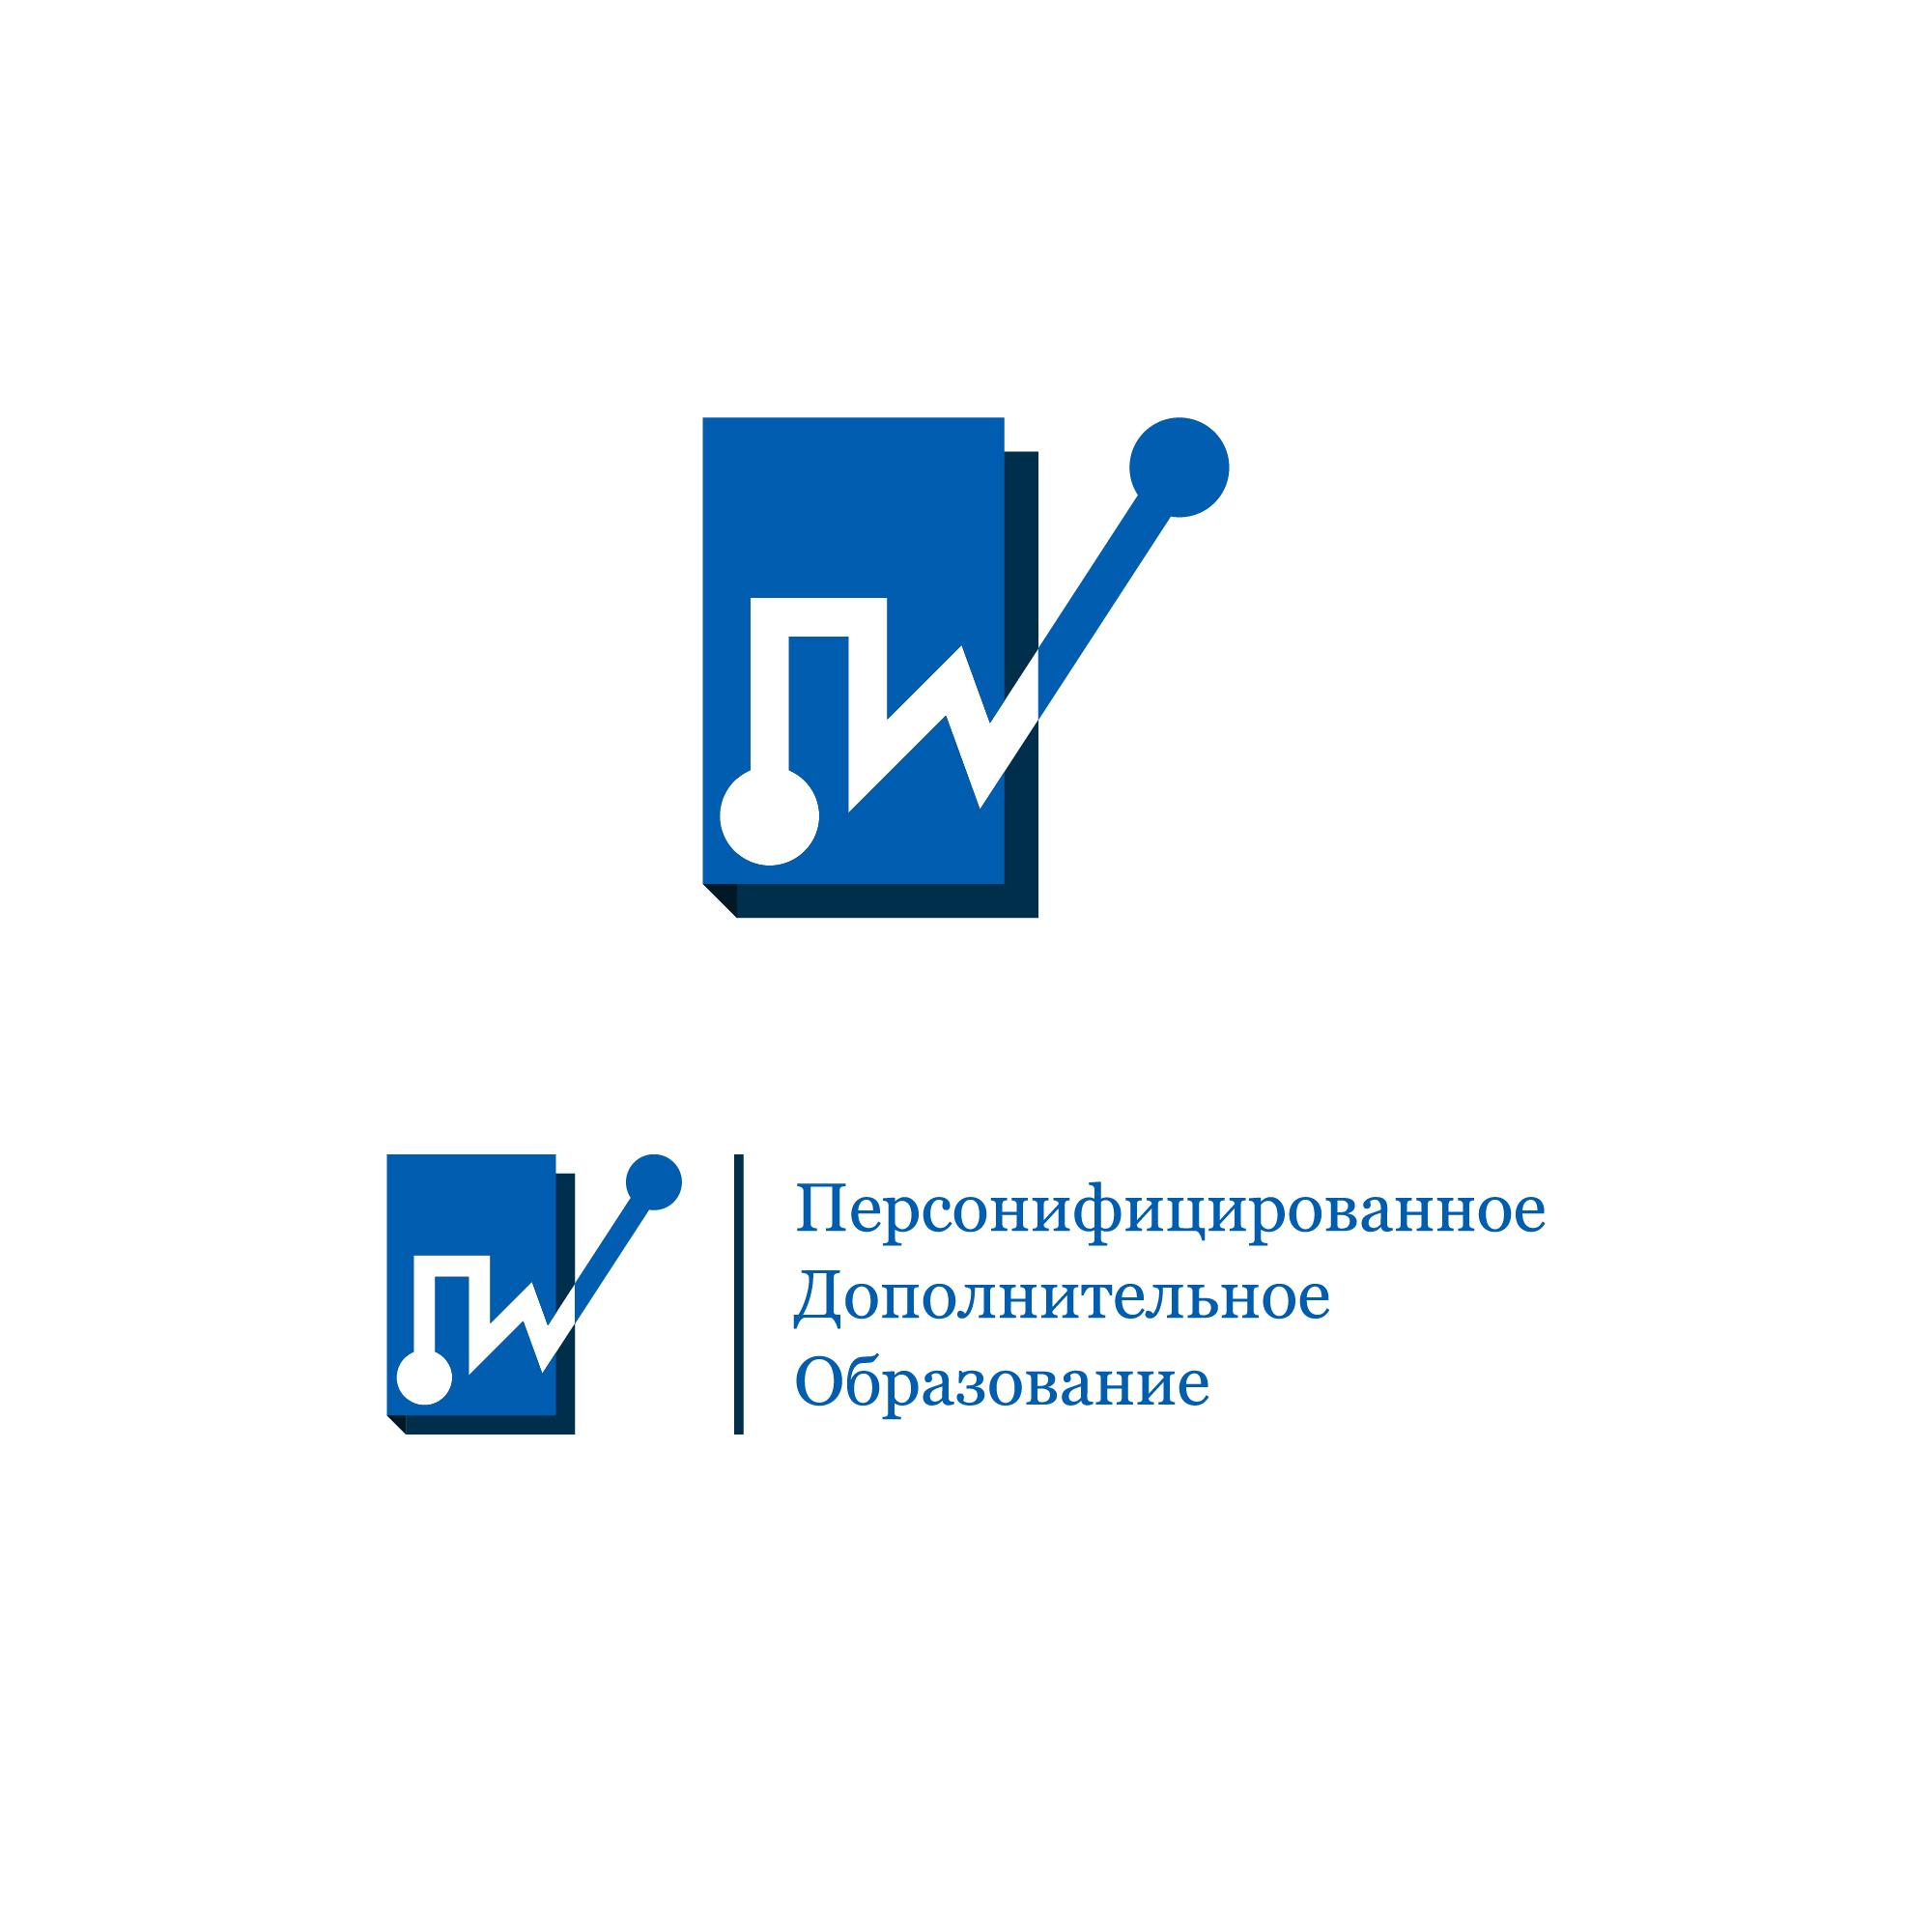 Логотип для интернет-портала фото f_8185a5ba2ce829c0.jpg